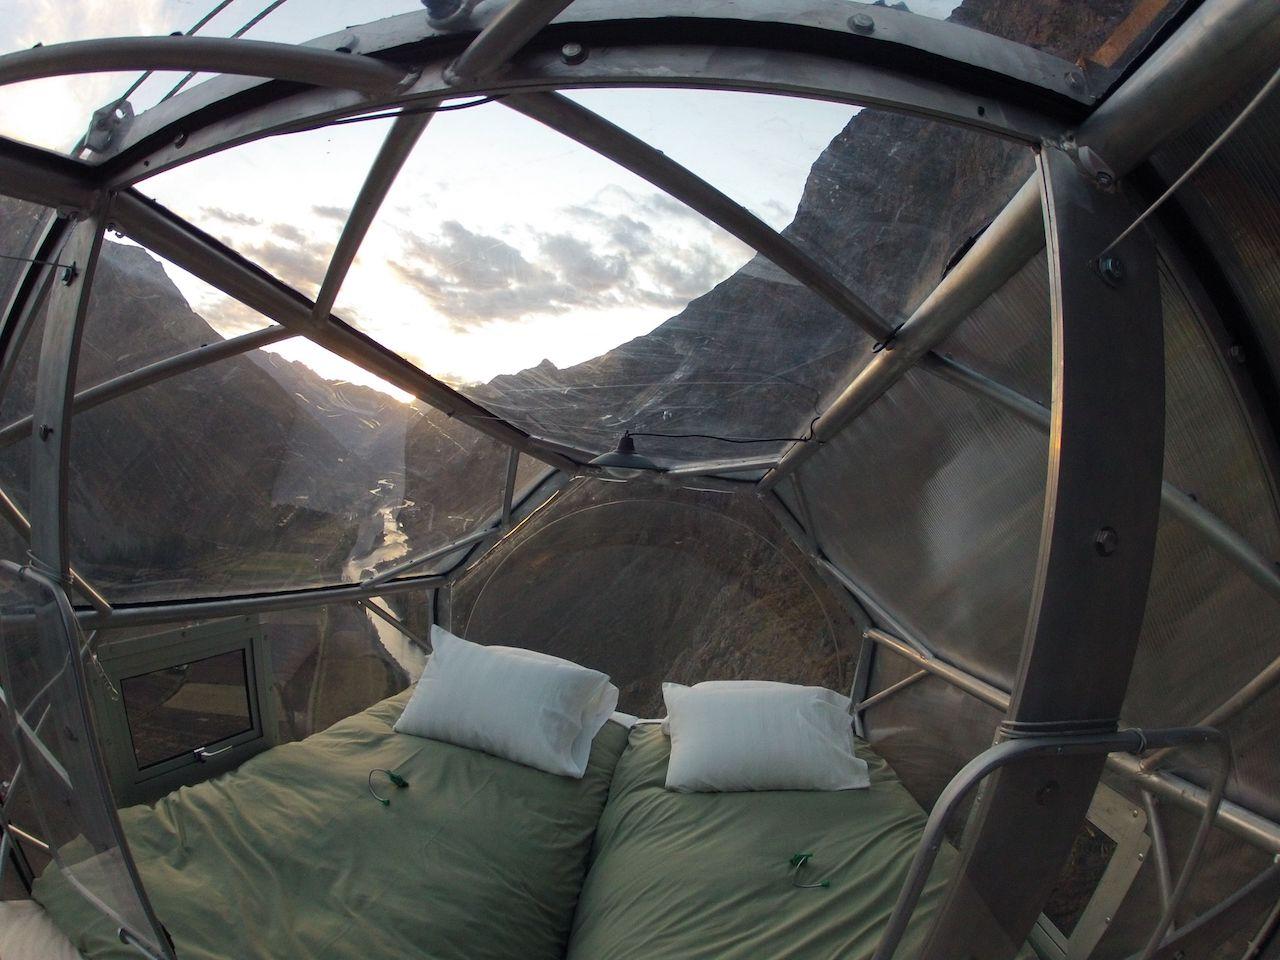 Das Bett in einer Sky Lodge. Von Natura Vive in Peru. Hier fällst du auch nicht aus dem Bett. Warum fallen wir nicht aus dem Bett? Ungewöhnliche Schlaforte.